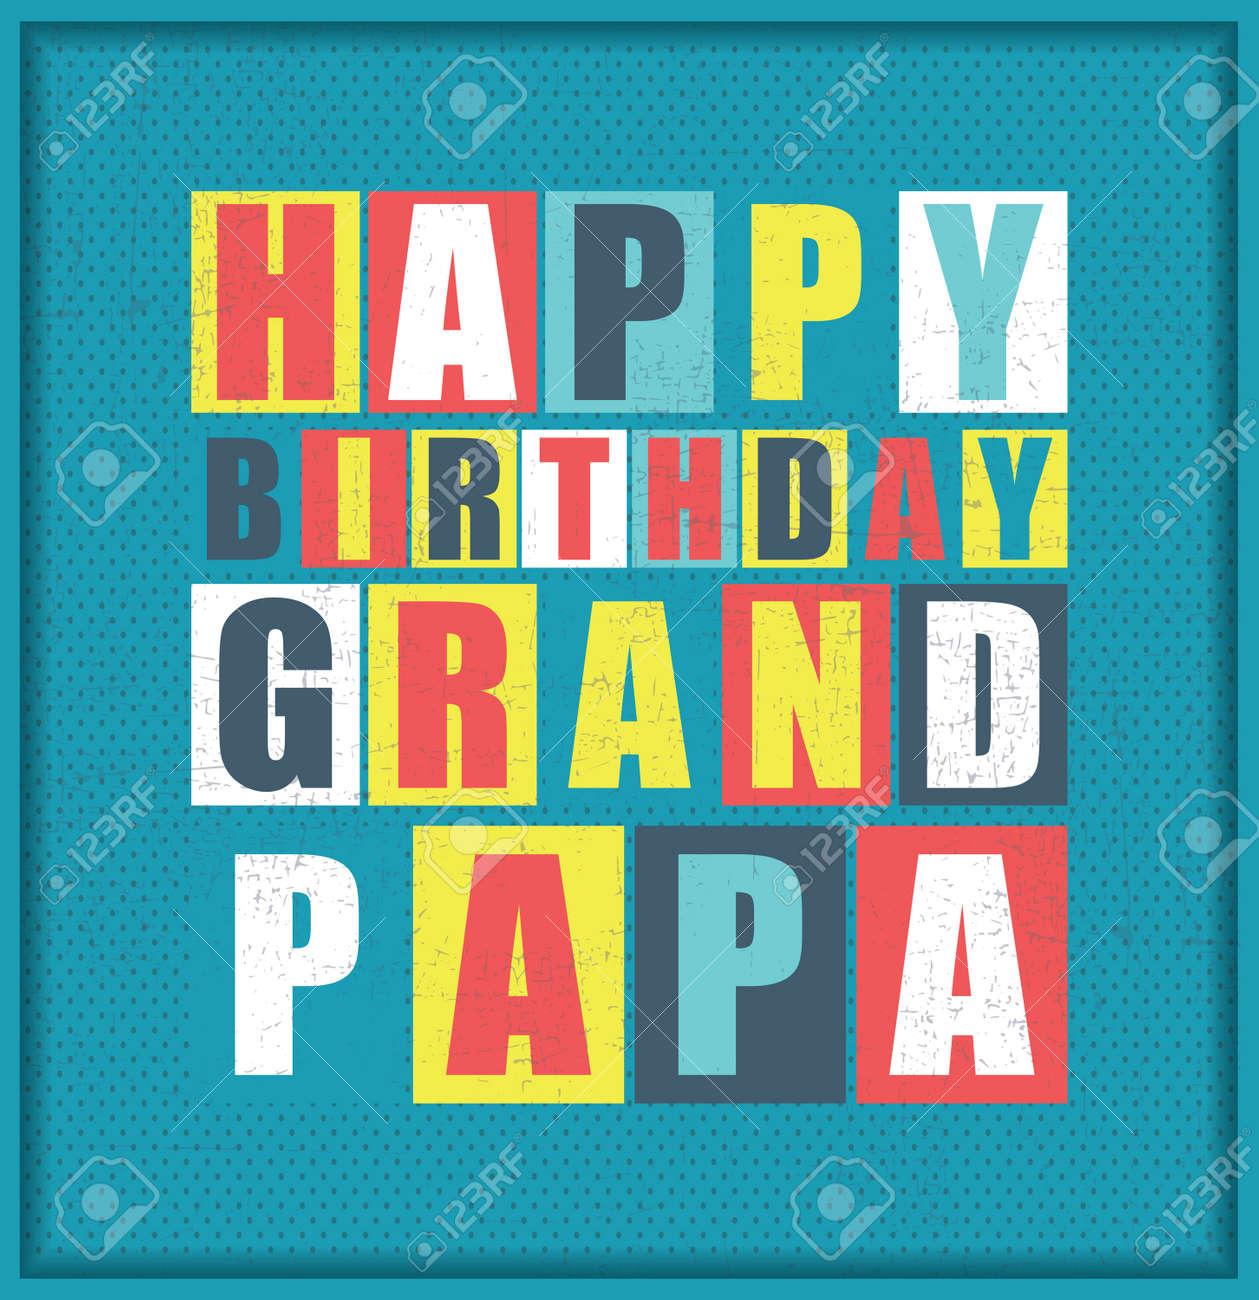 Retro Carte D Anniversaire Heureux Joyeux Anniversaire Grand Papa Vector Illustration Clip Art Libres De Droits Vecteurs Et Illustration Image 57013177